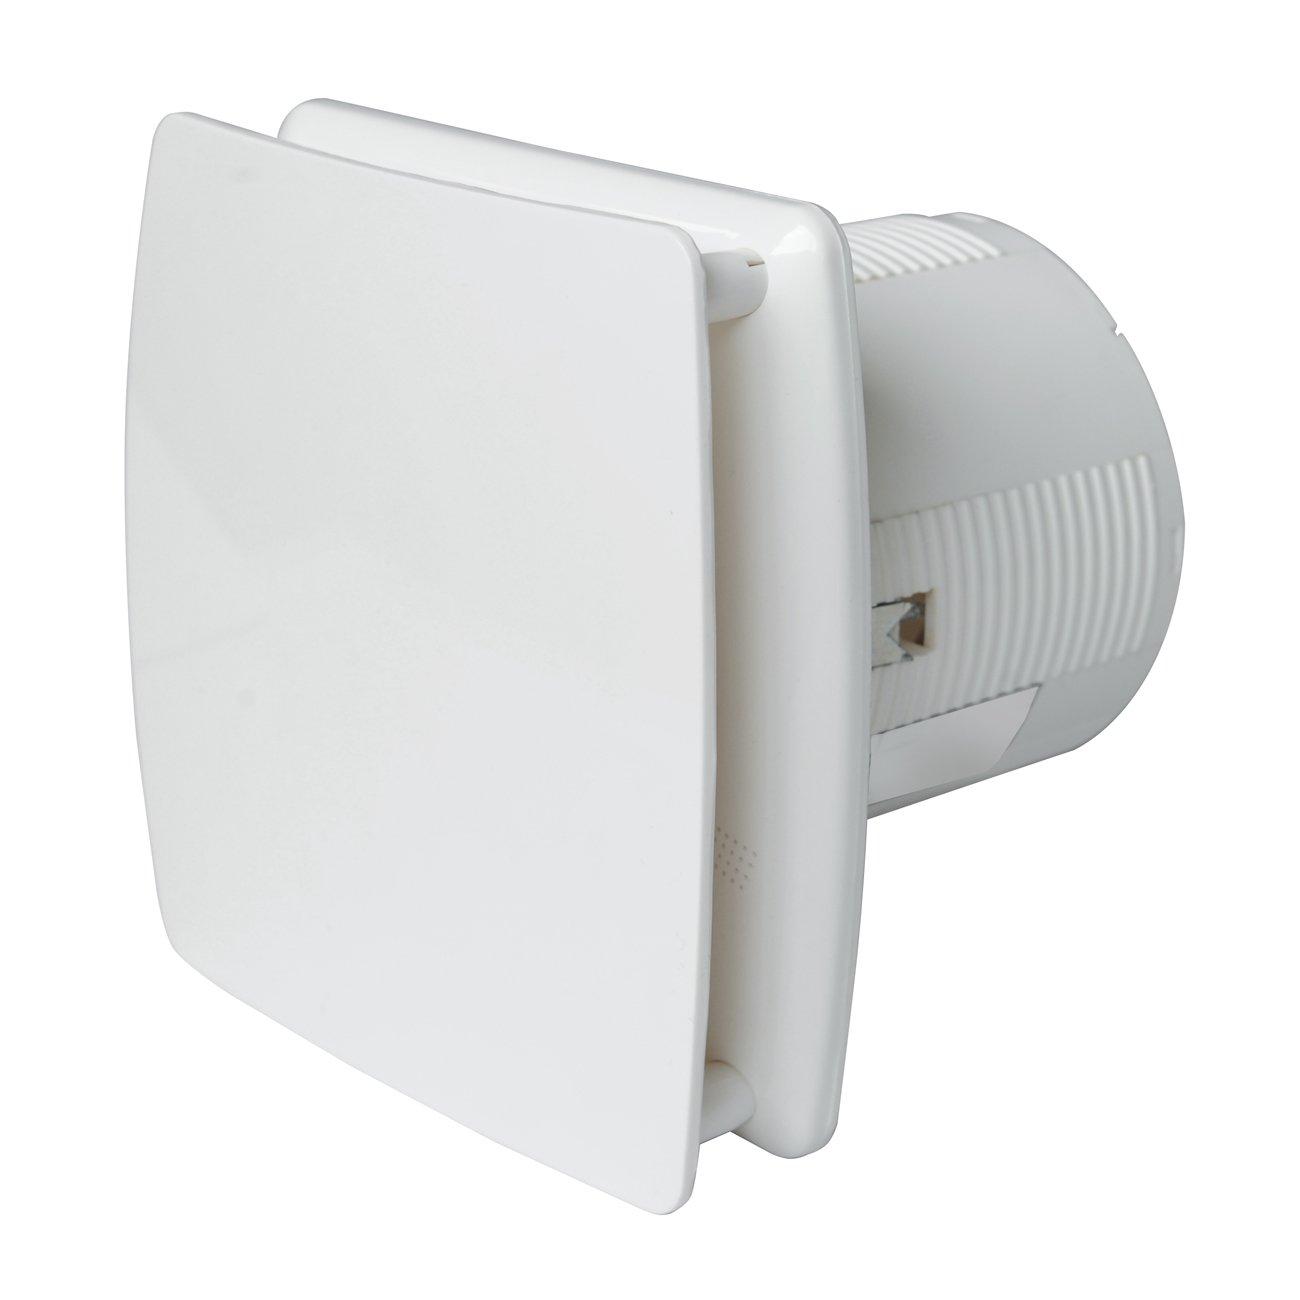 La Ventilazione AA10B Aspiratore Elicoidale Estetico Bianco, per Foro diametro 100 mm / 4